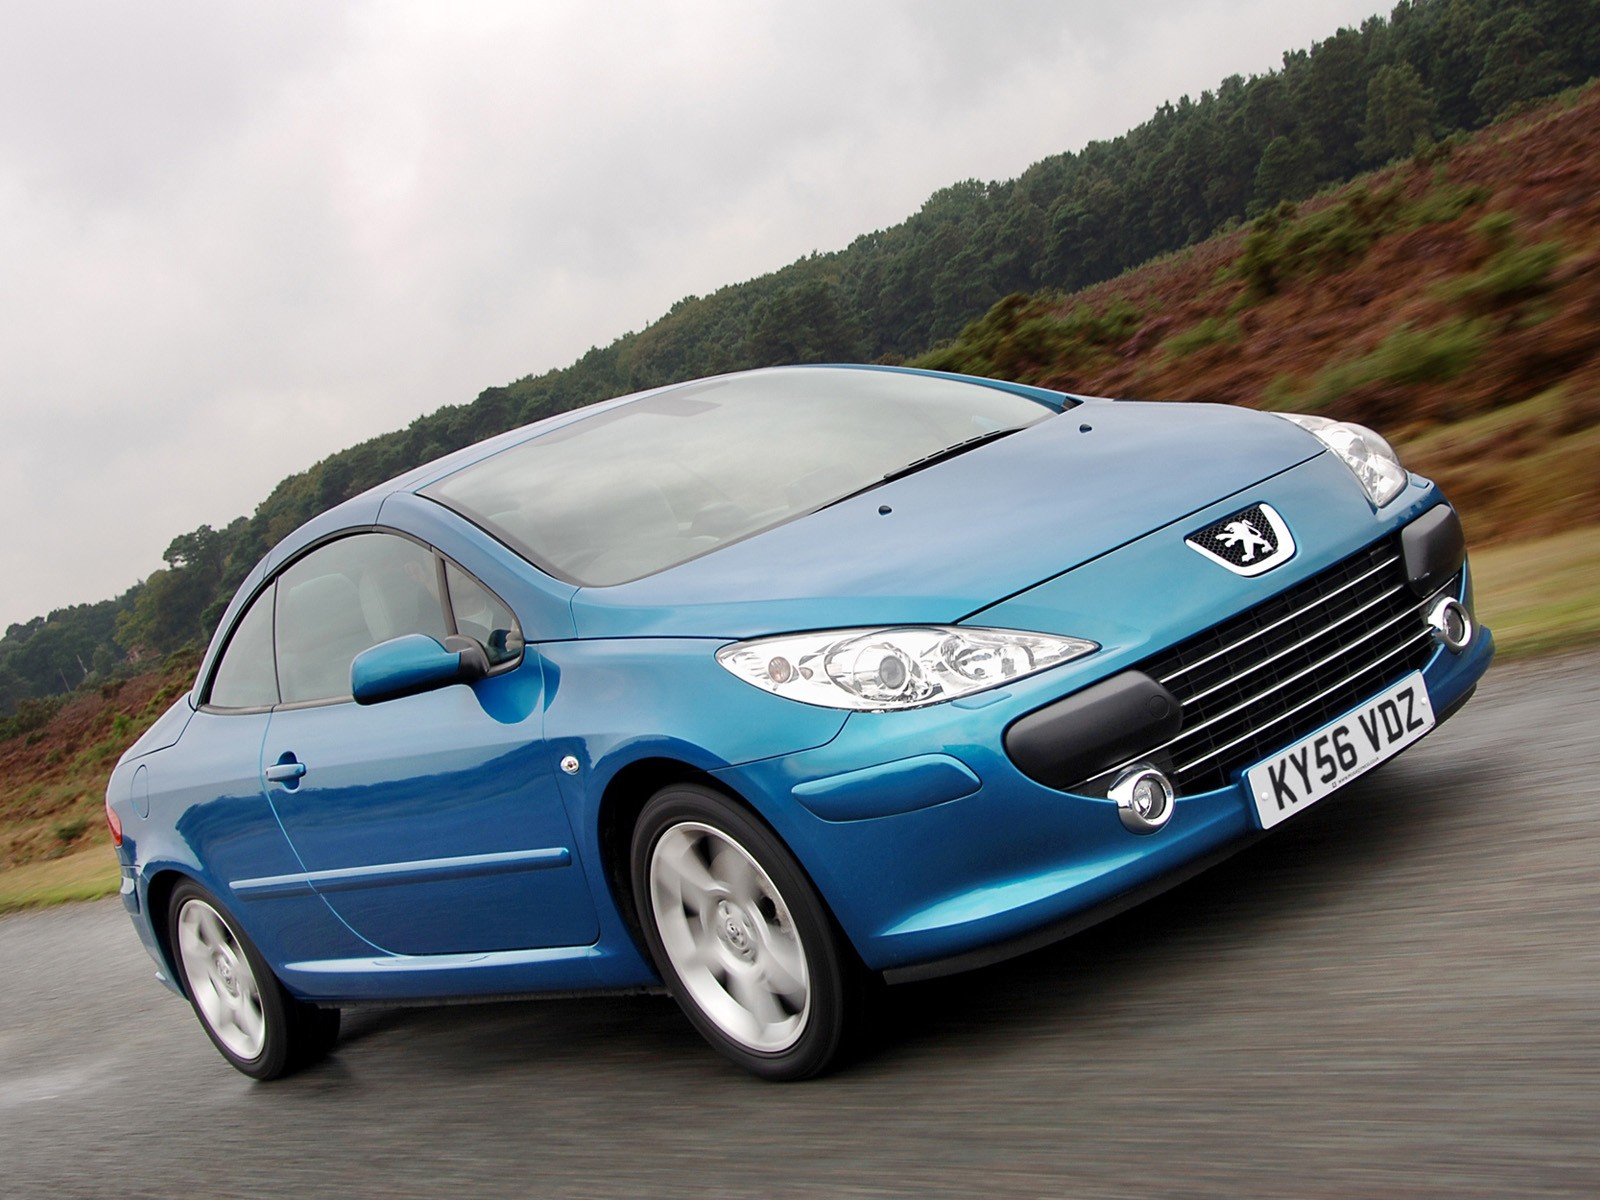 Smart Choice Auto >> PEUGEOT 307 CC - 2005, 2006, 2007, 2008 - autoevolution